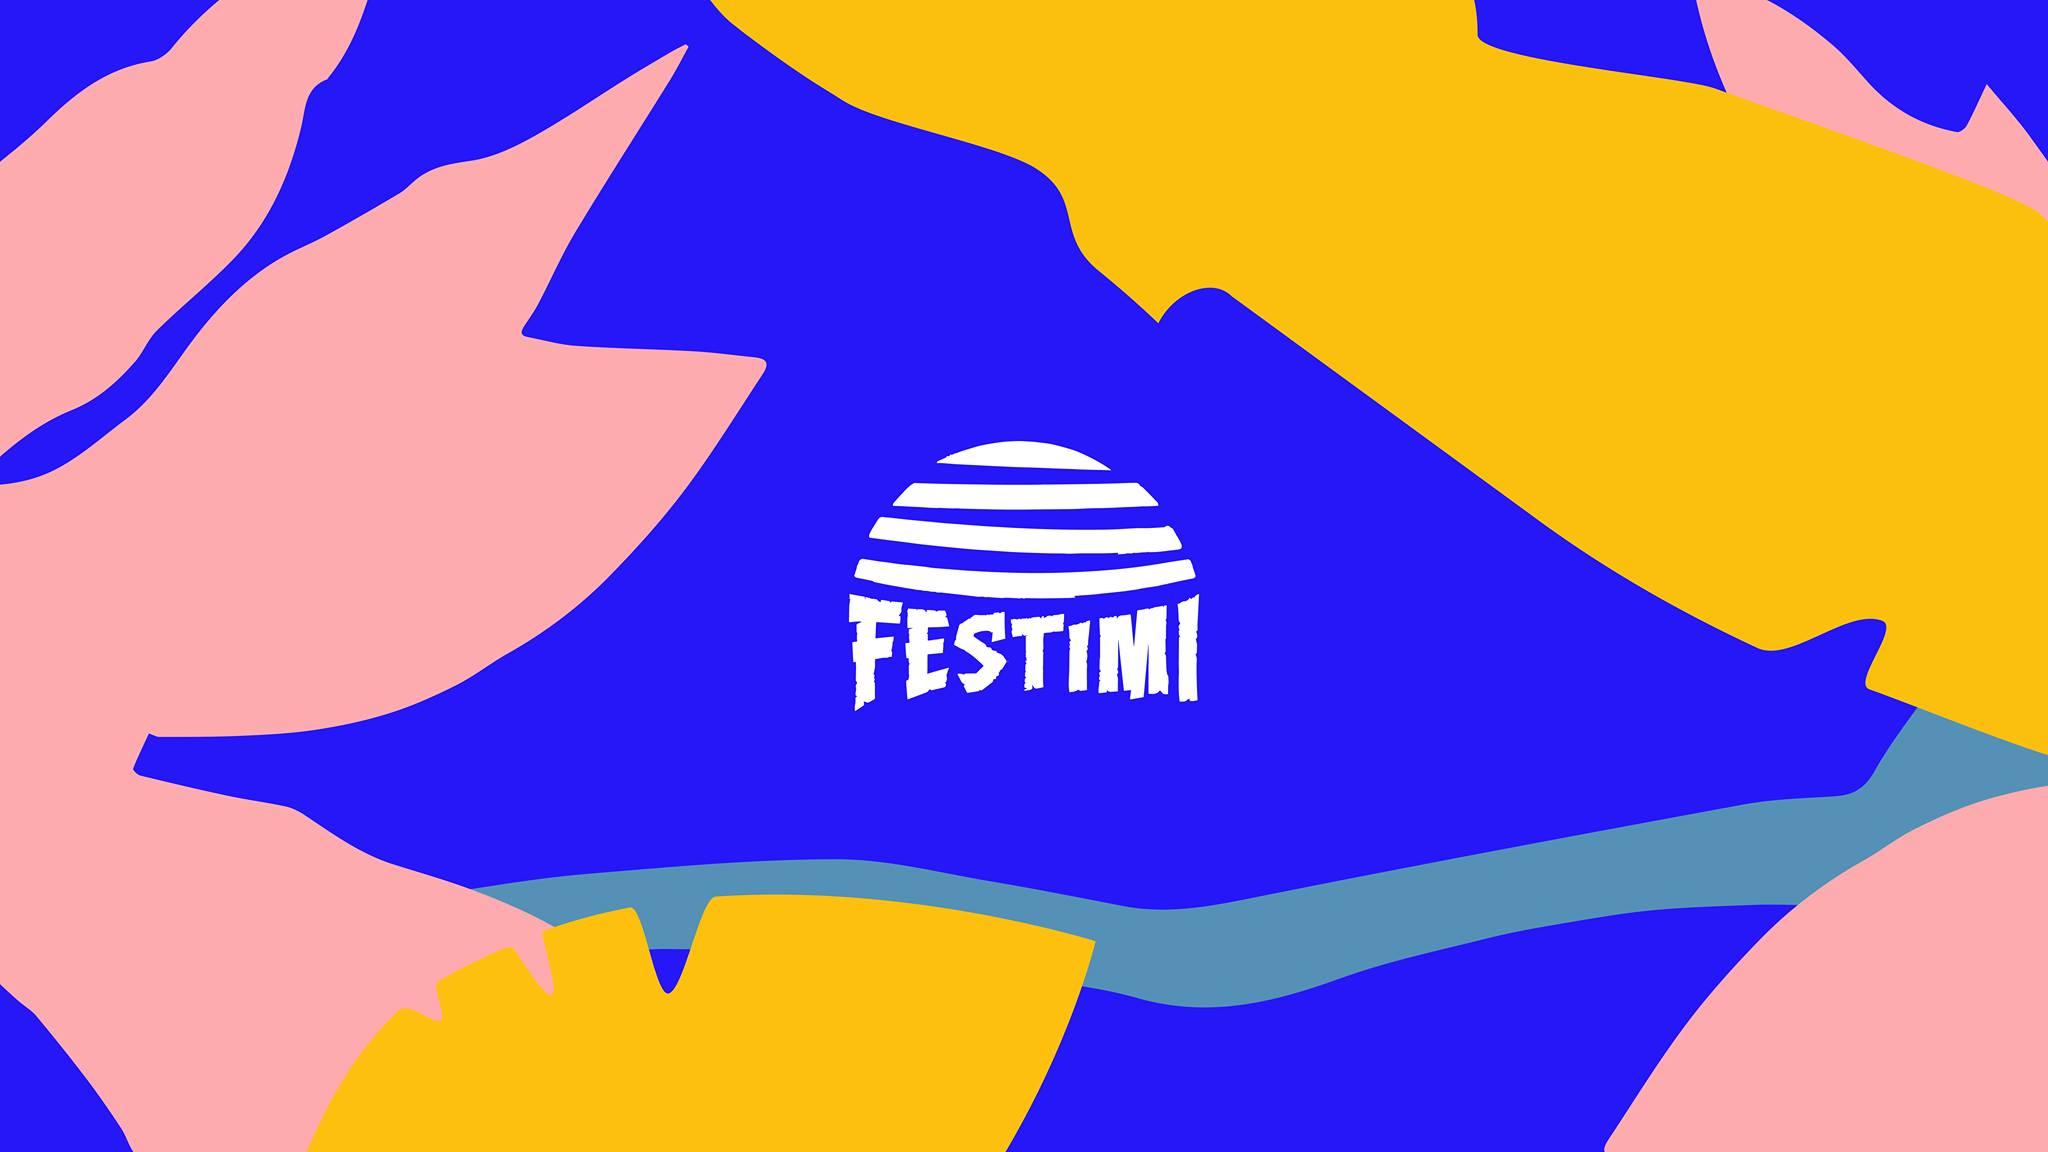 Festimi | De Finale - 24 september 2017